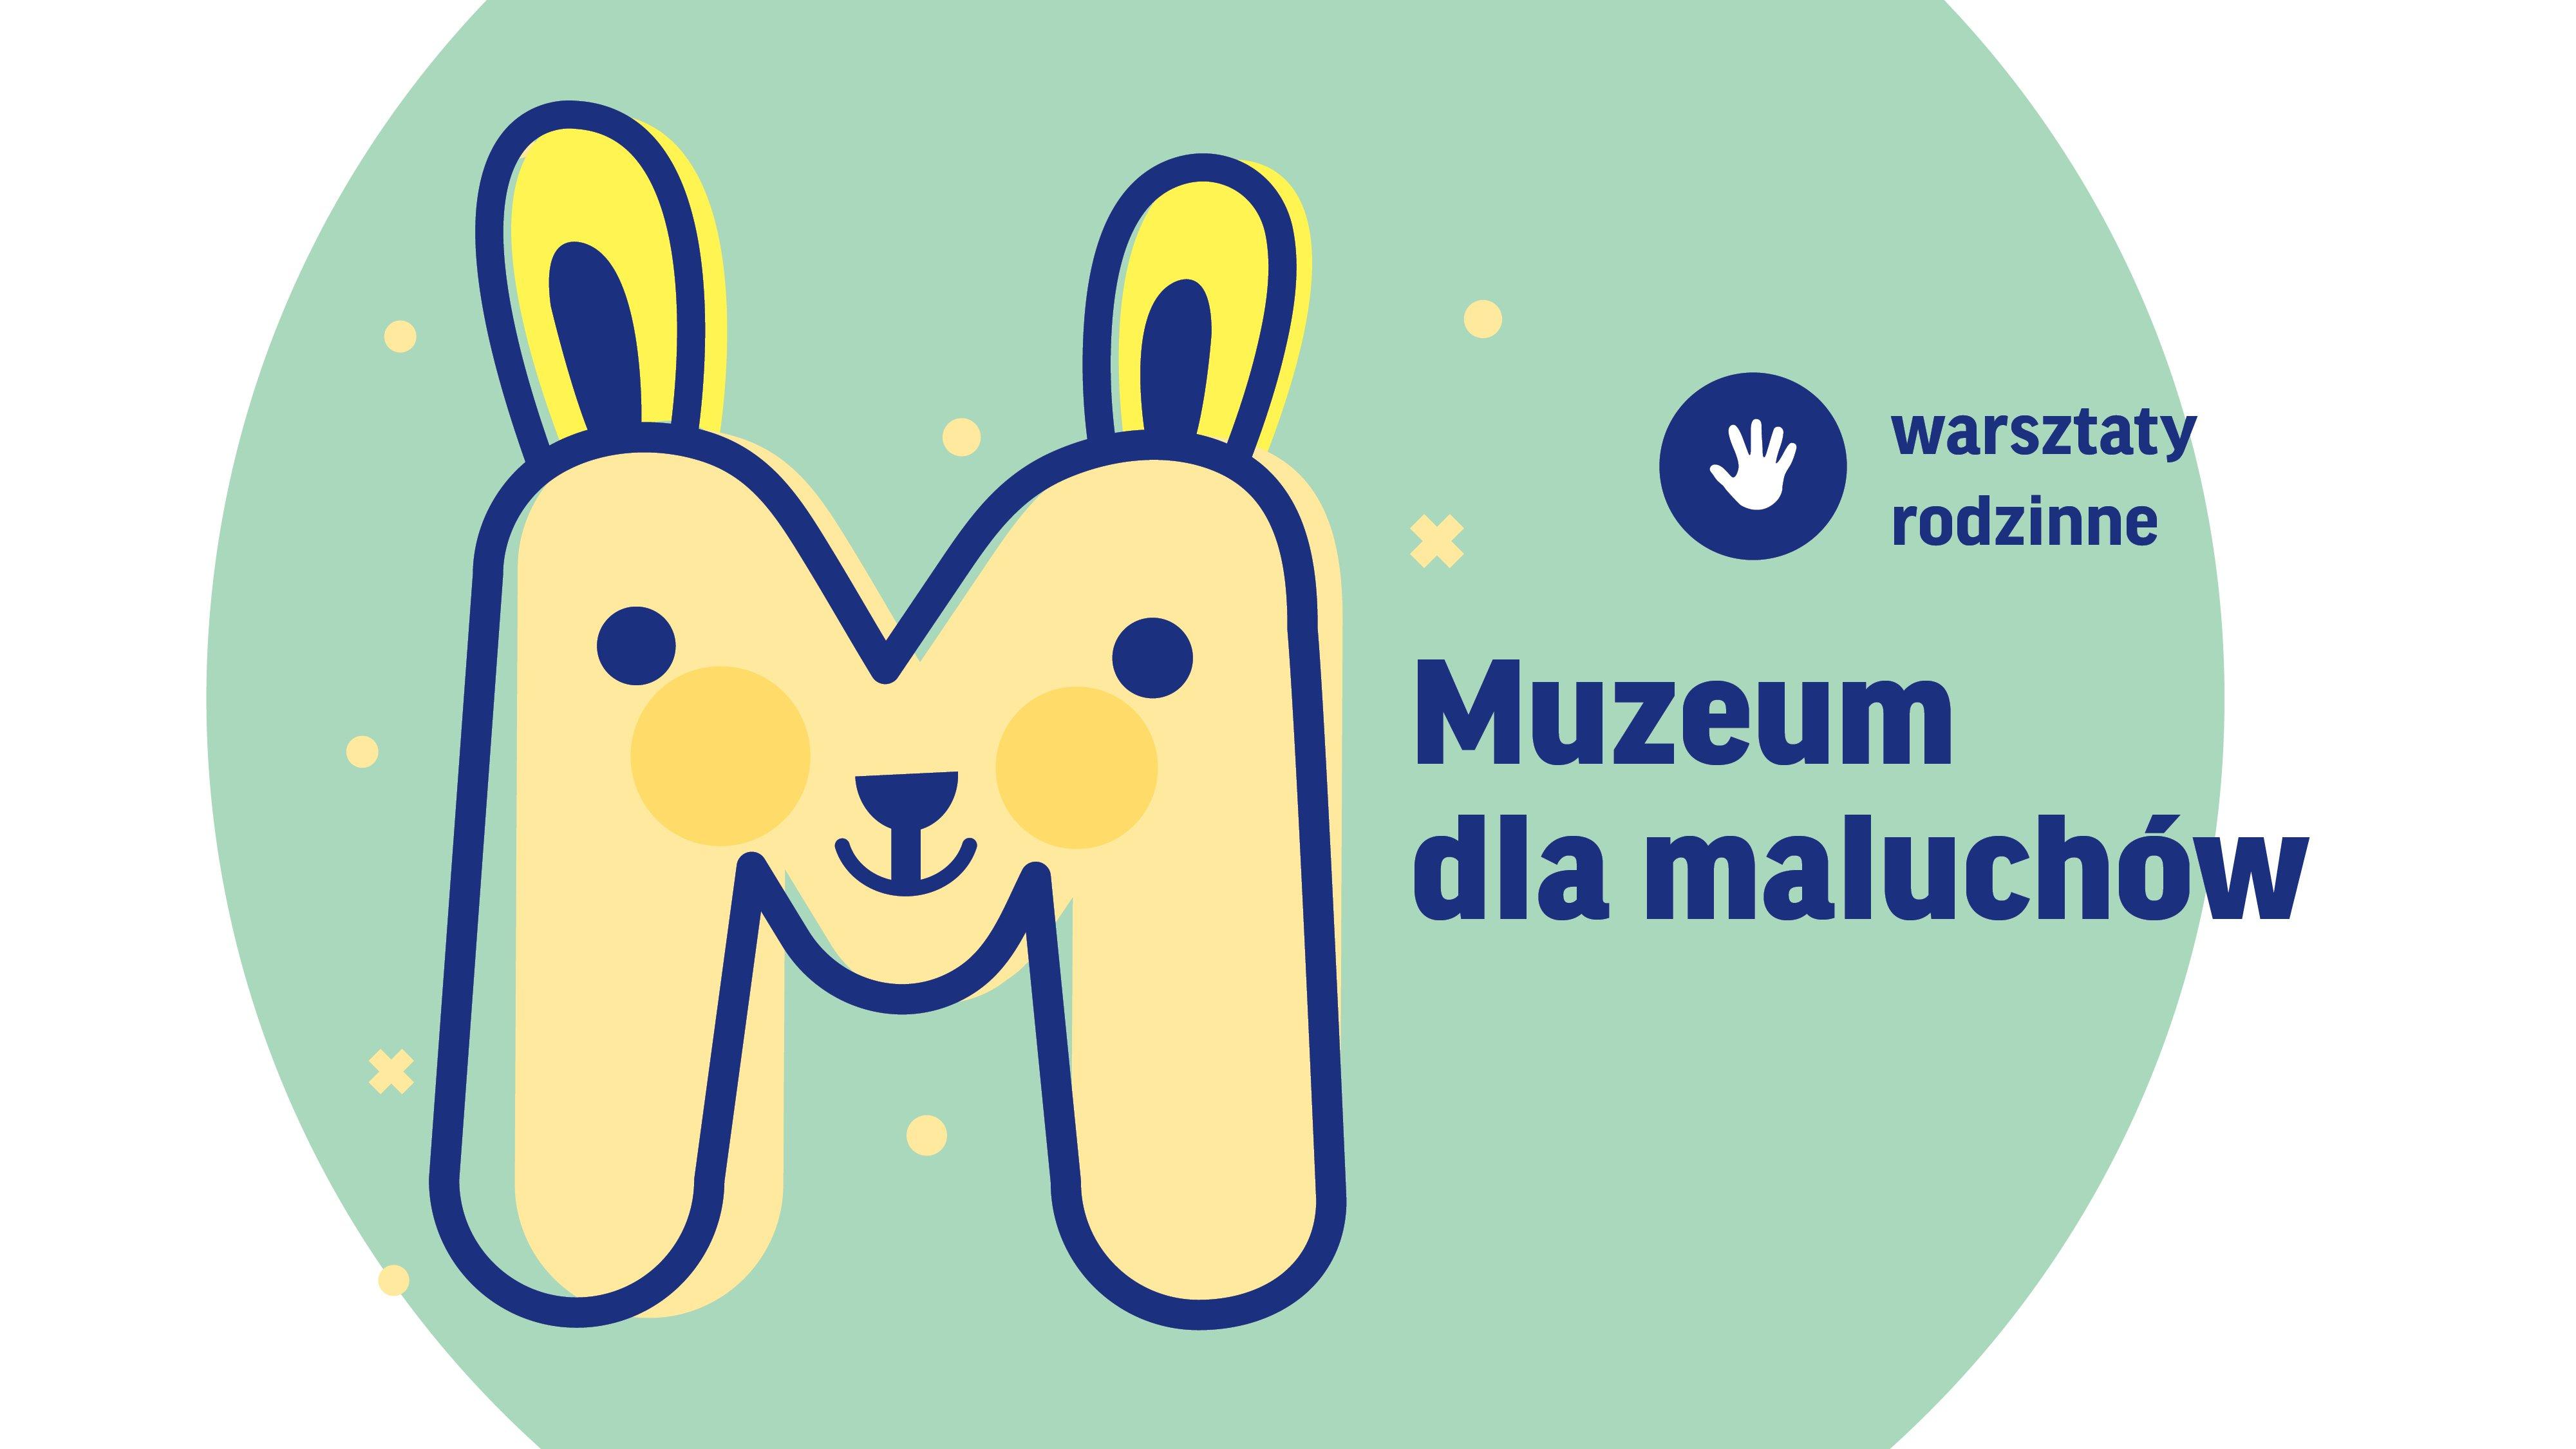 Muzeum dla maluchów: Street art